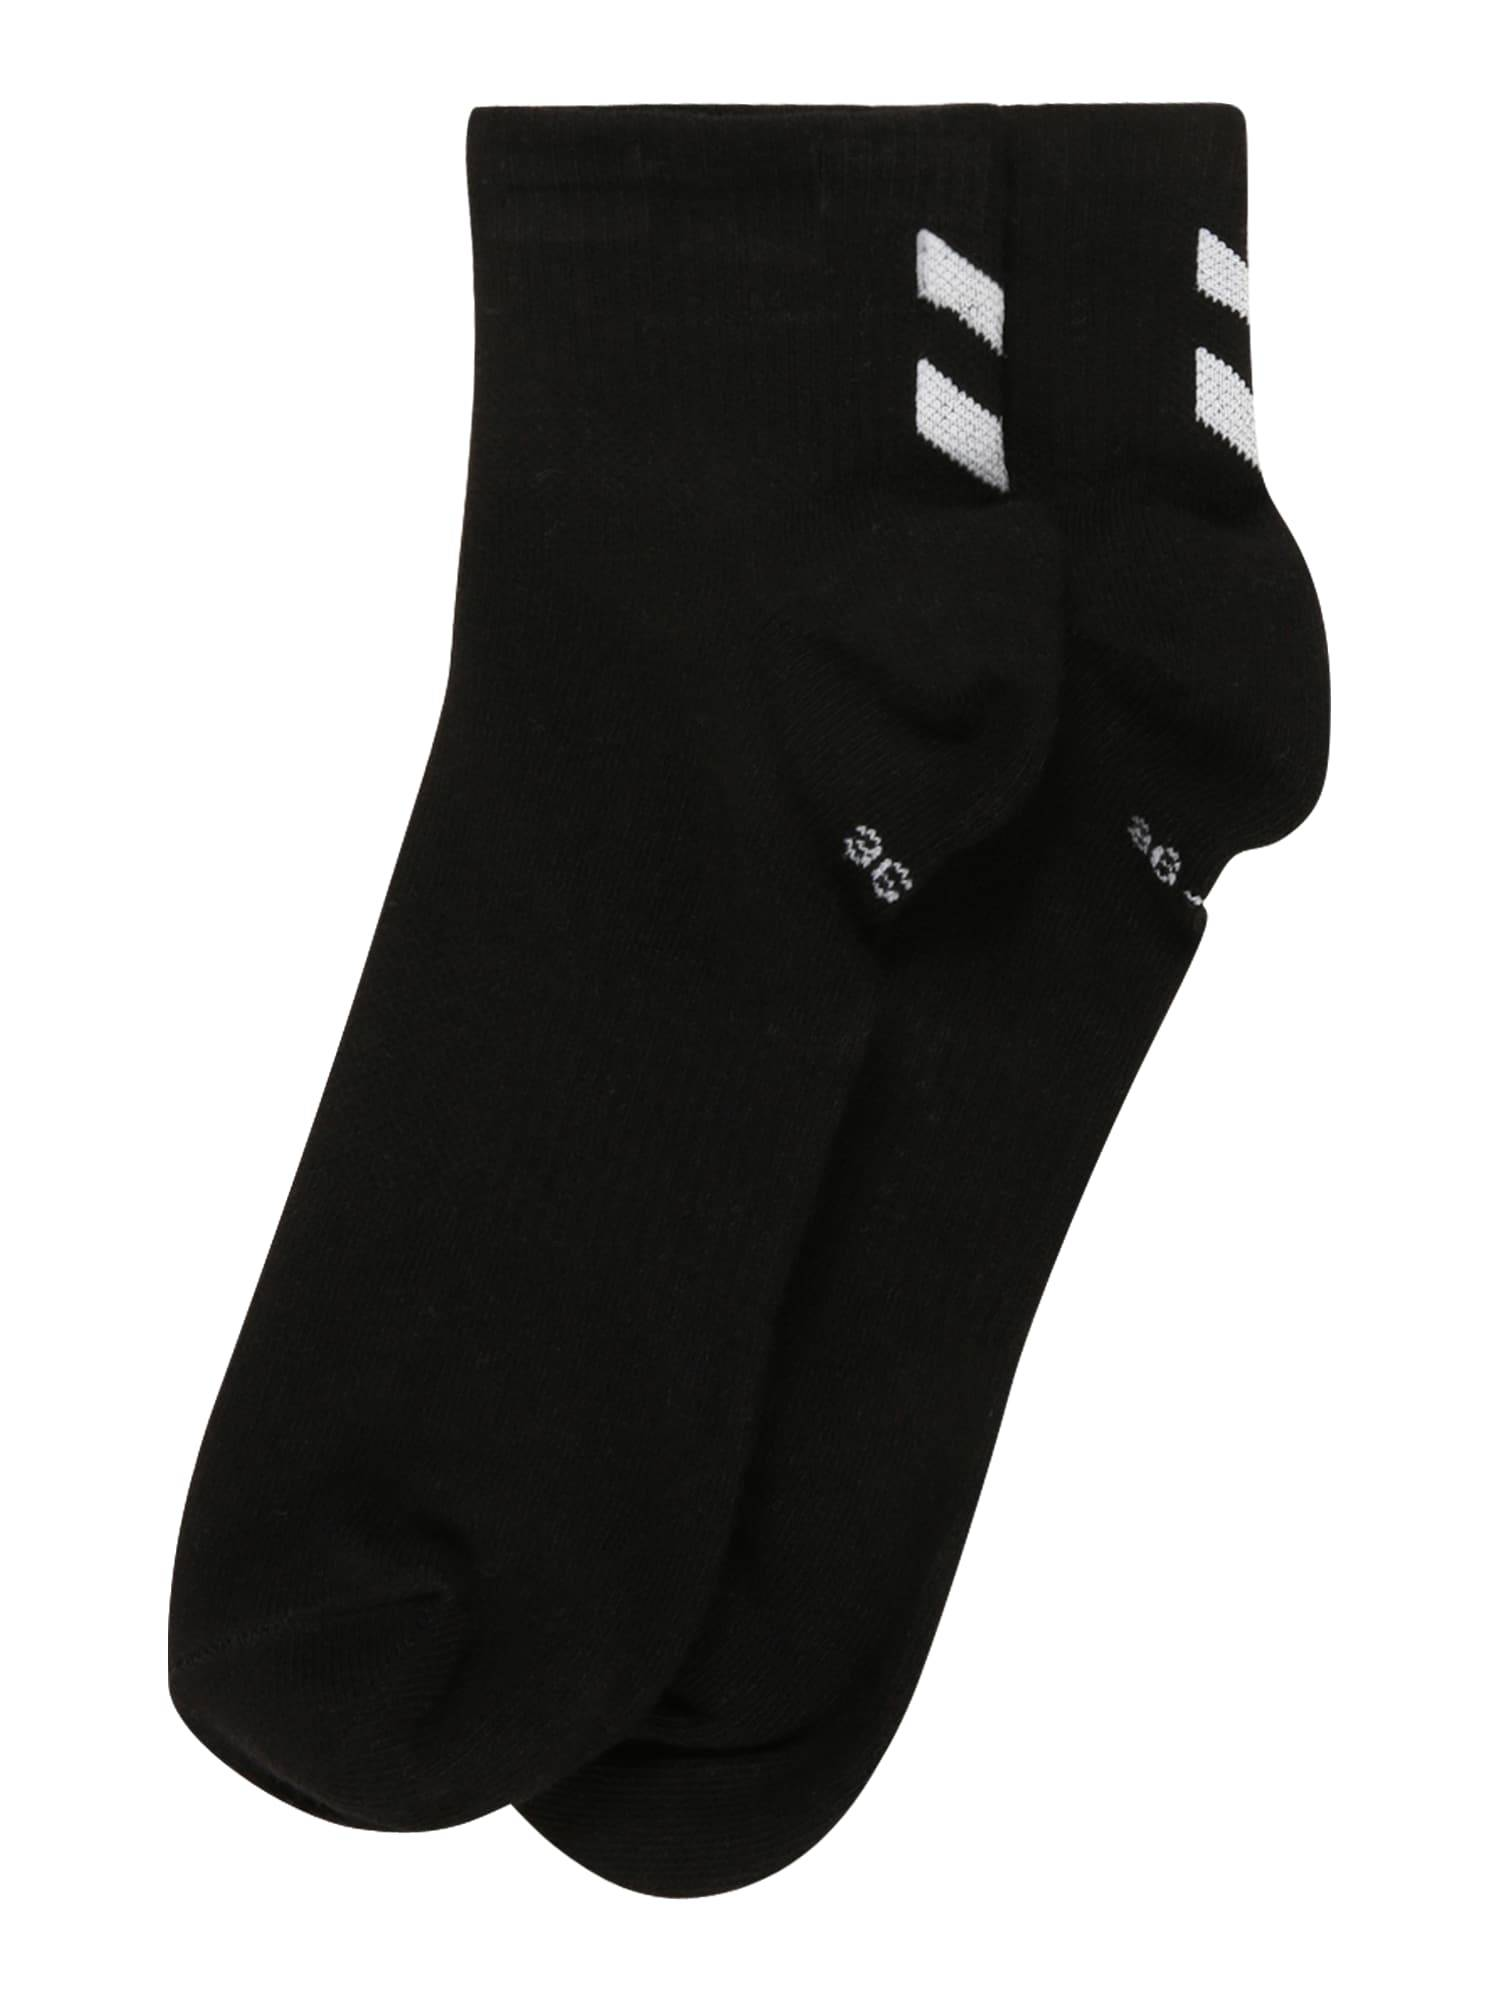 Hummel Chaussettes de sport 'CHEVRON'  - Noir - Taille: 14 - male